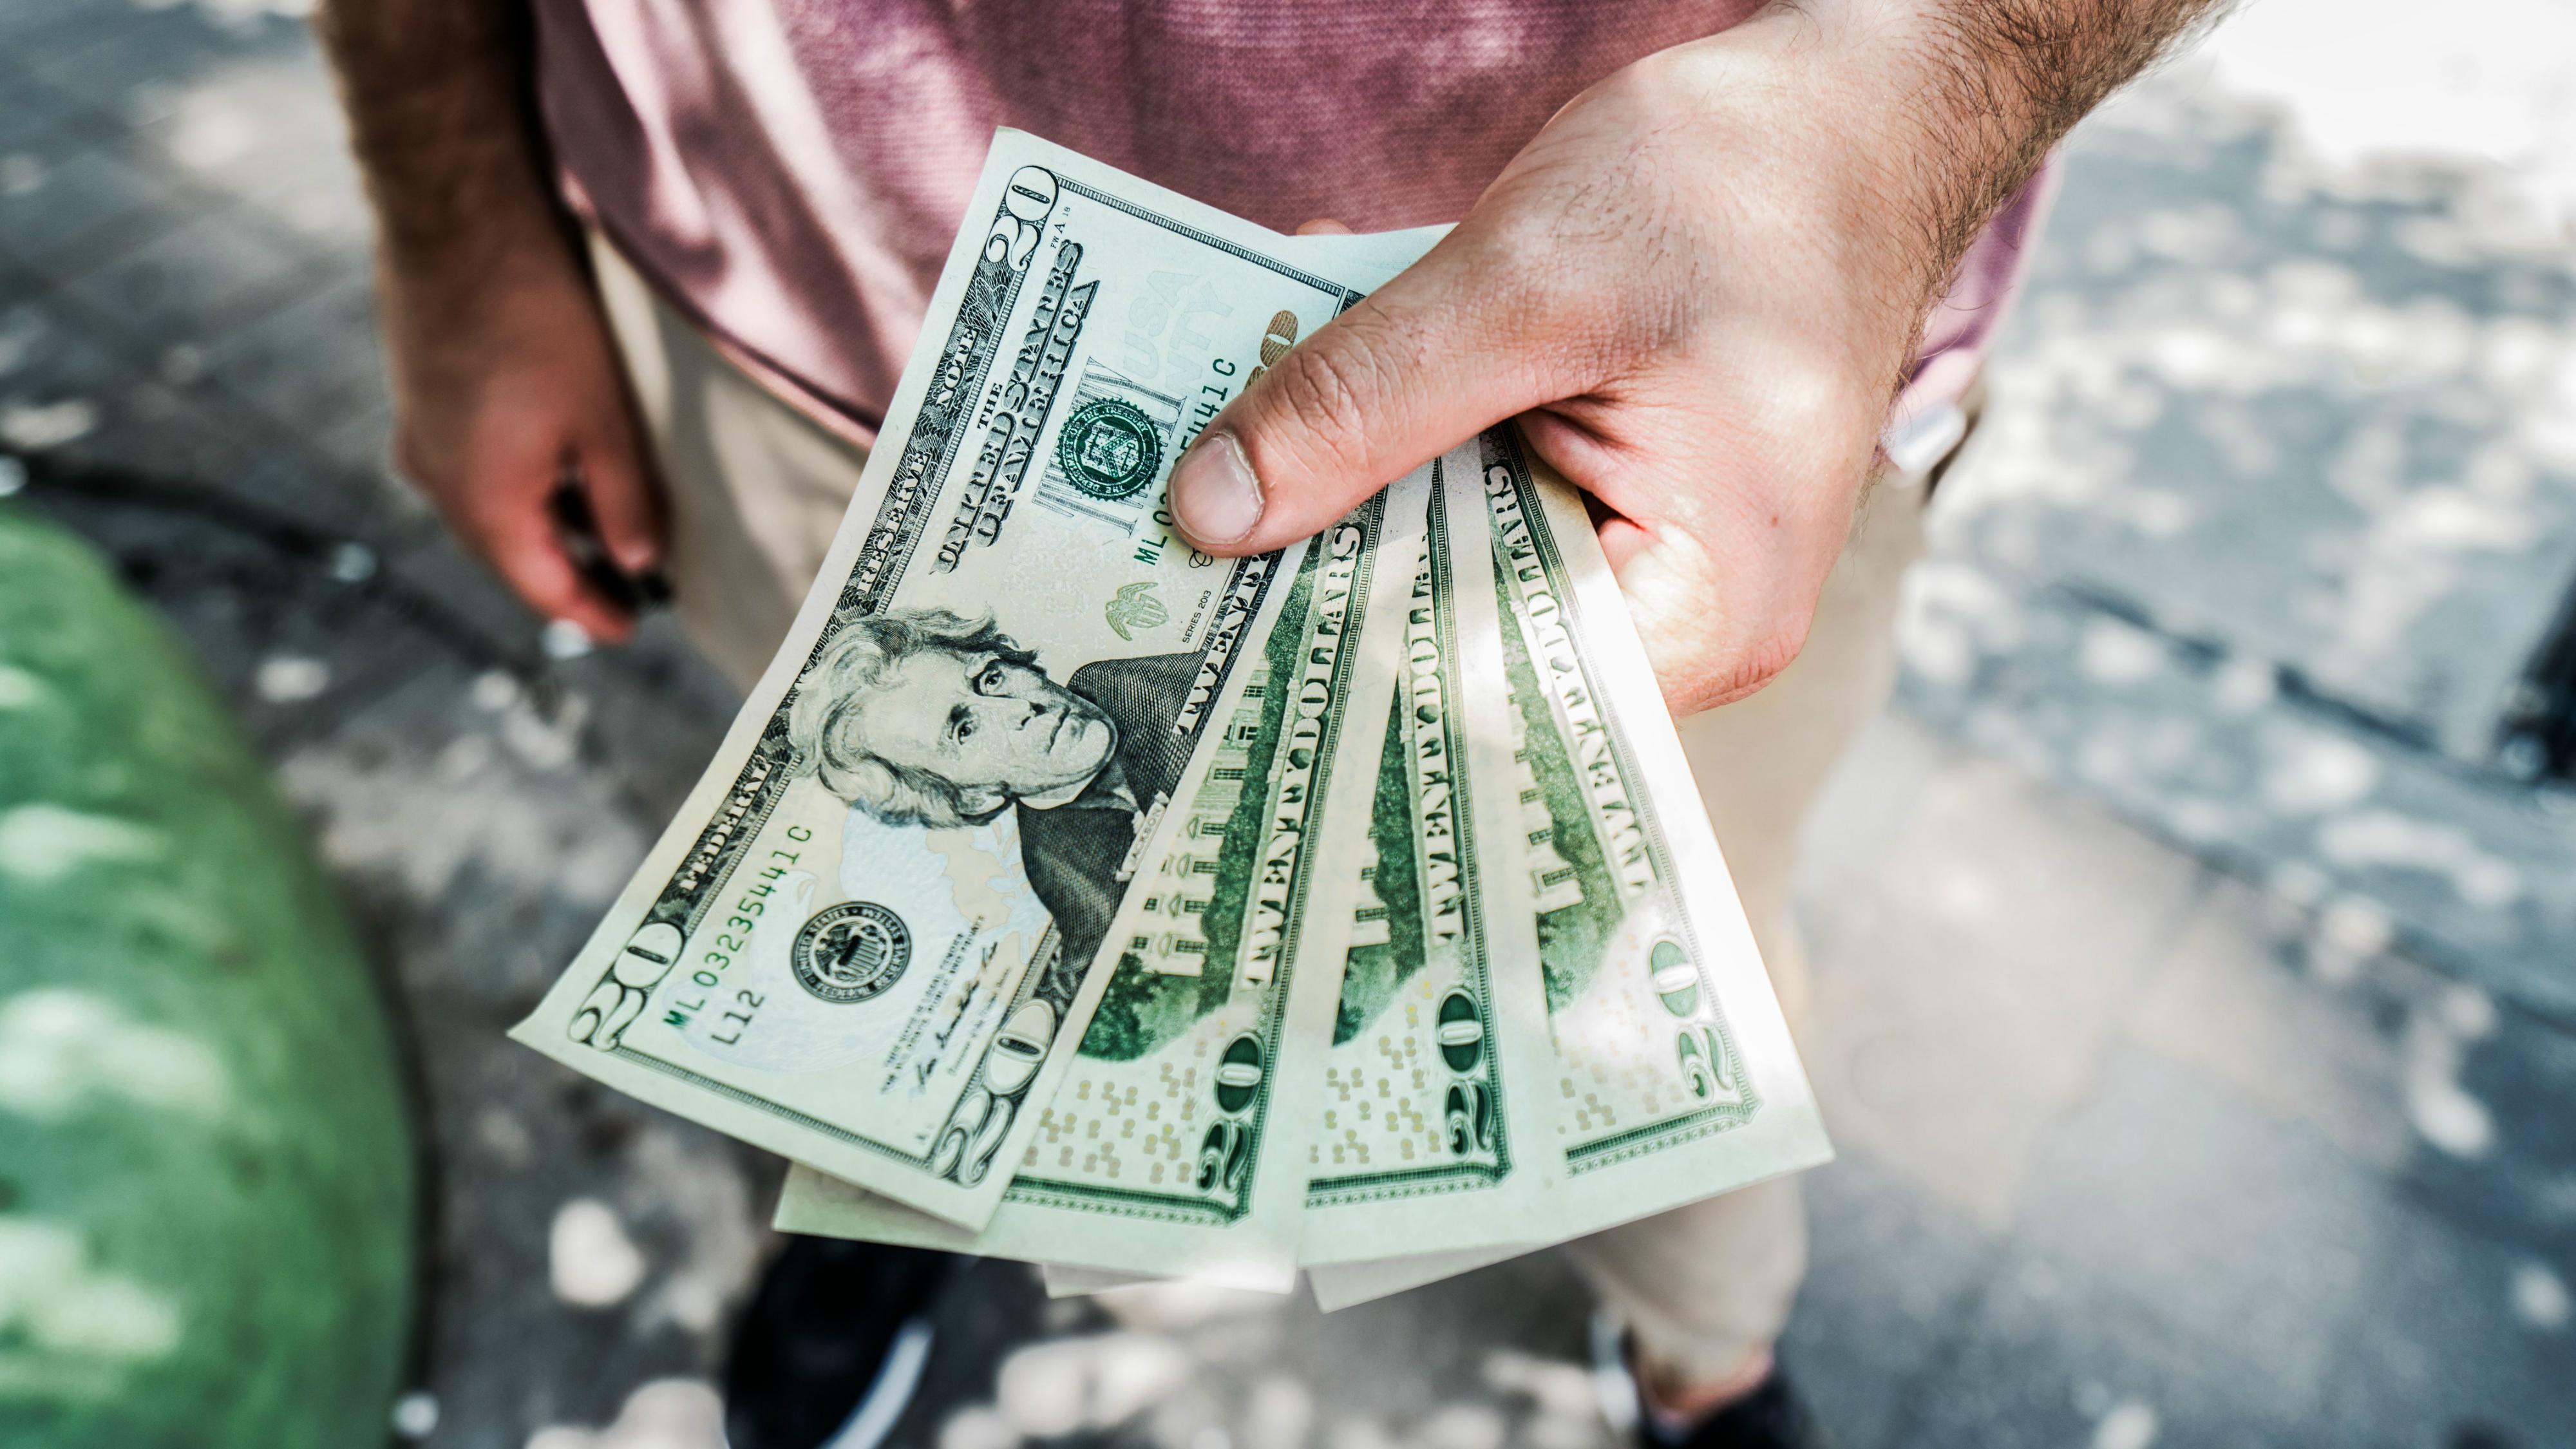 pelnīt naudu internetā, veicot mājasdarbus